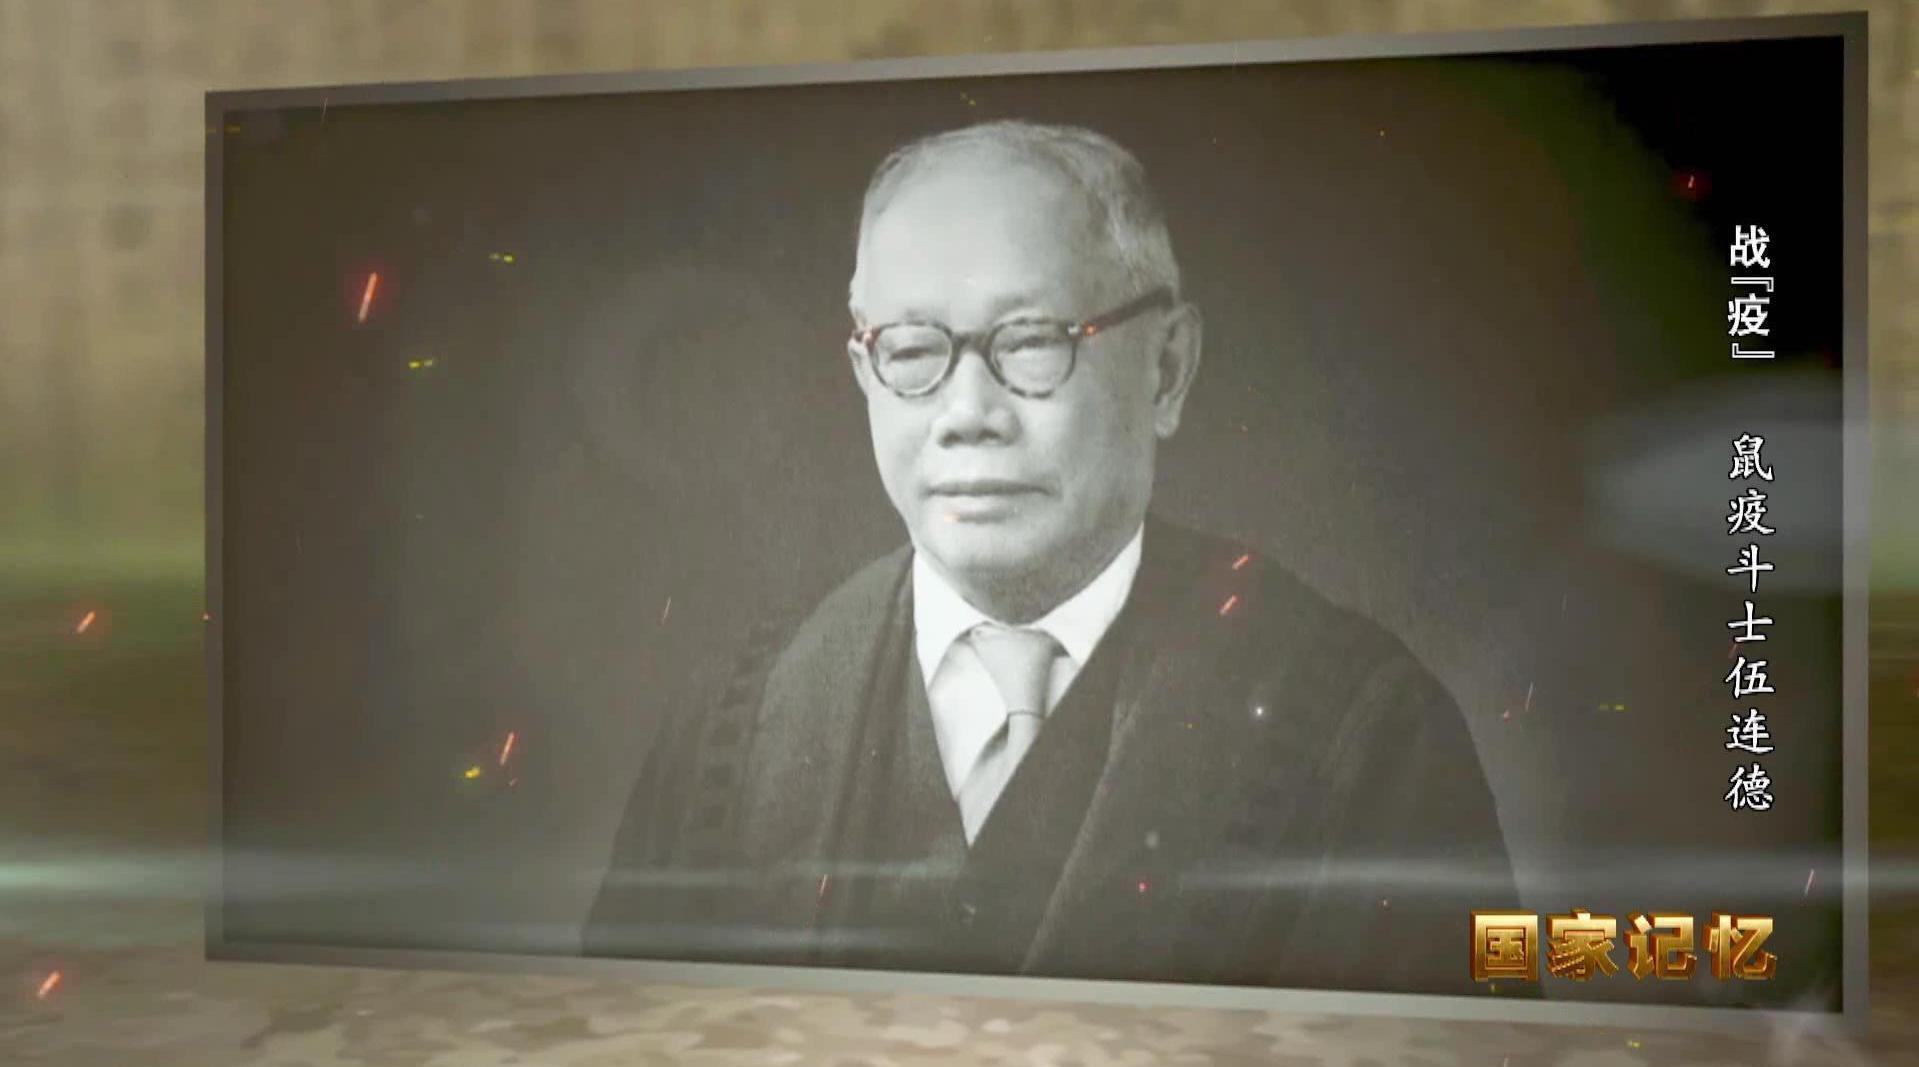 伍连德是第一个获得诺贝尔奖提名的华人